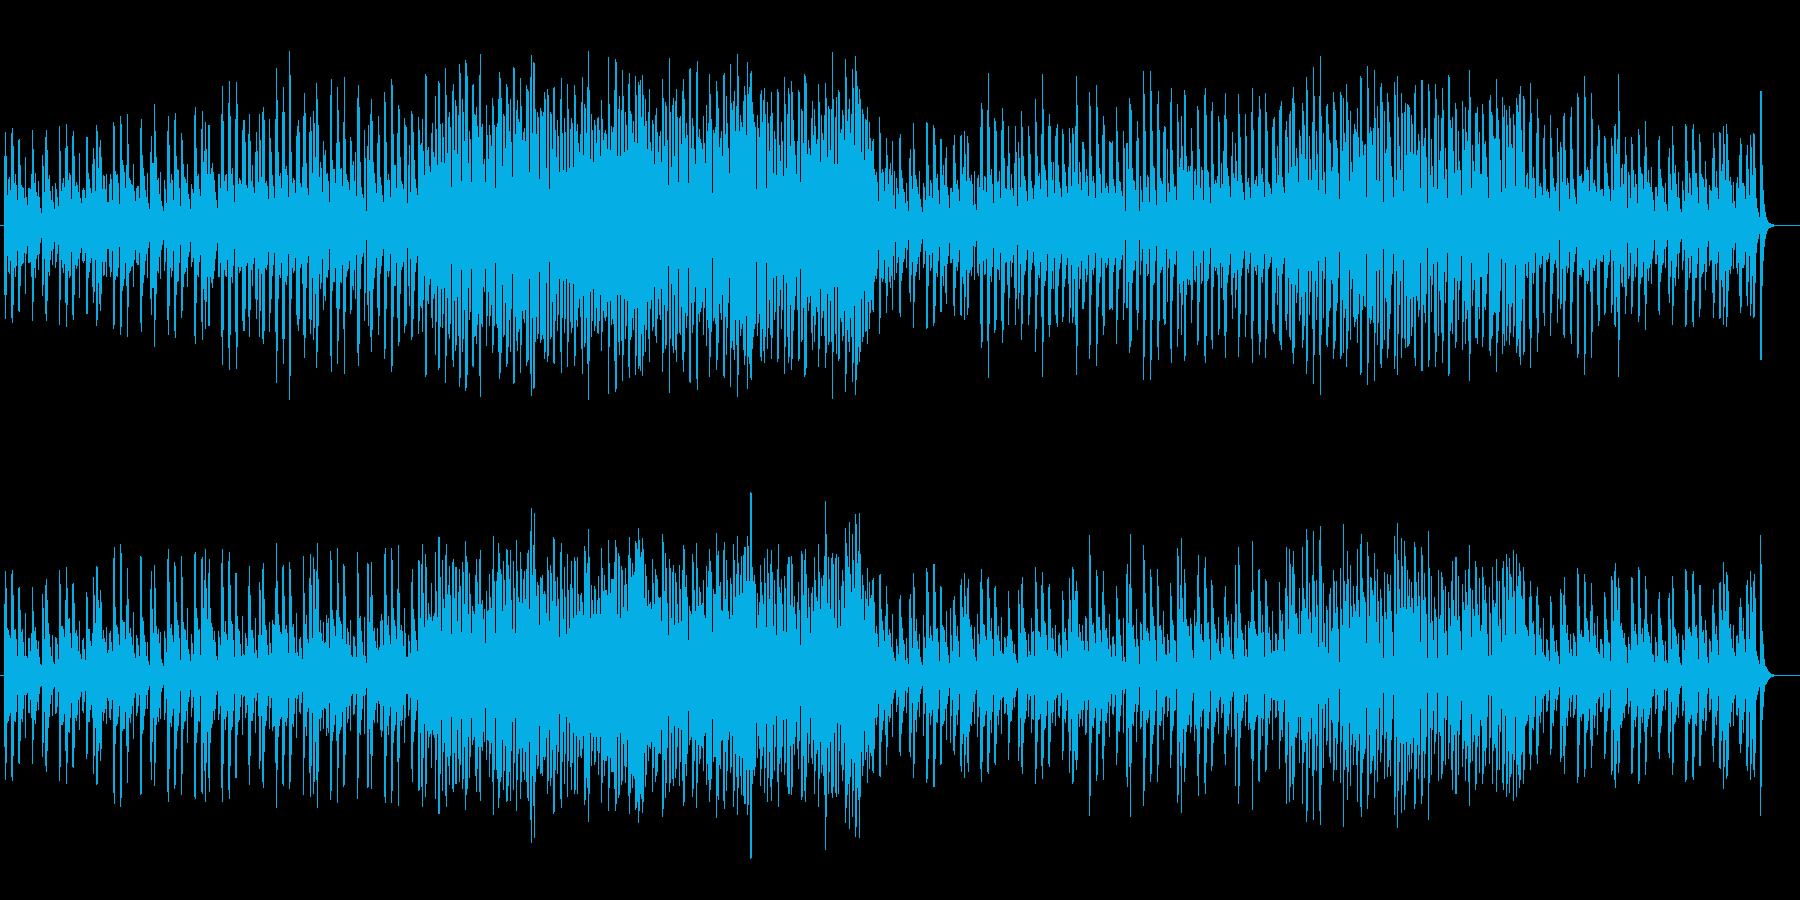 可愛らしく弾む木琴シンセサイザー曲の再生済みの波形